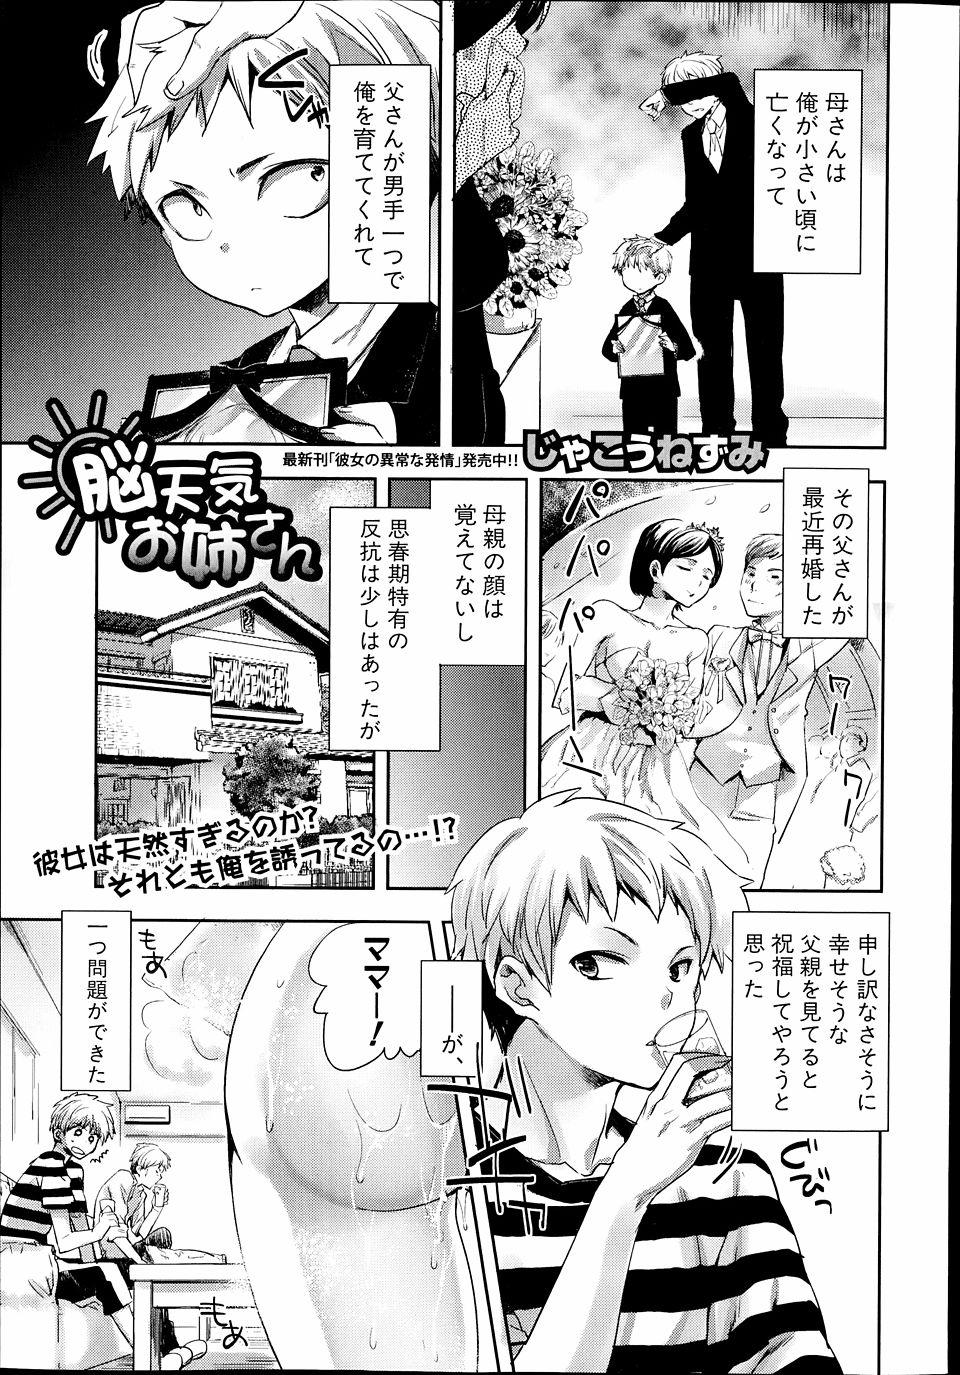 【エロ漫画・エロ同人】巨乳の義姉と一緒にお風呂入る羽目になったらフル勃起しちゃったwww